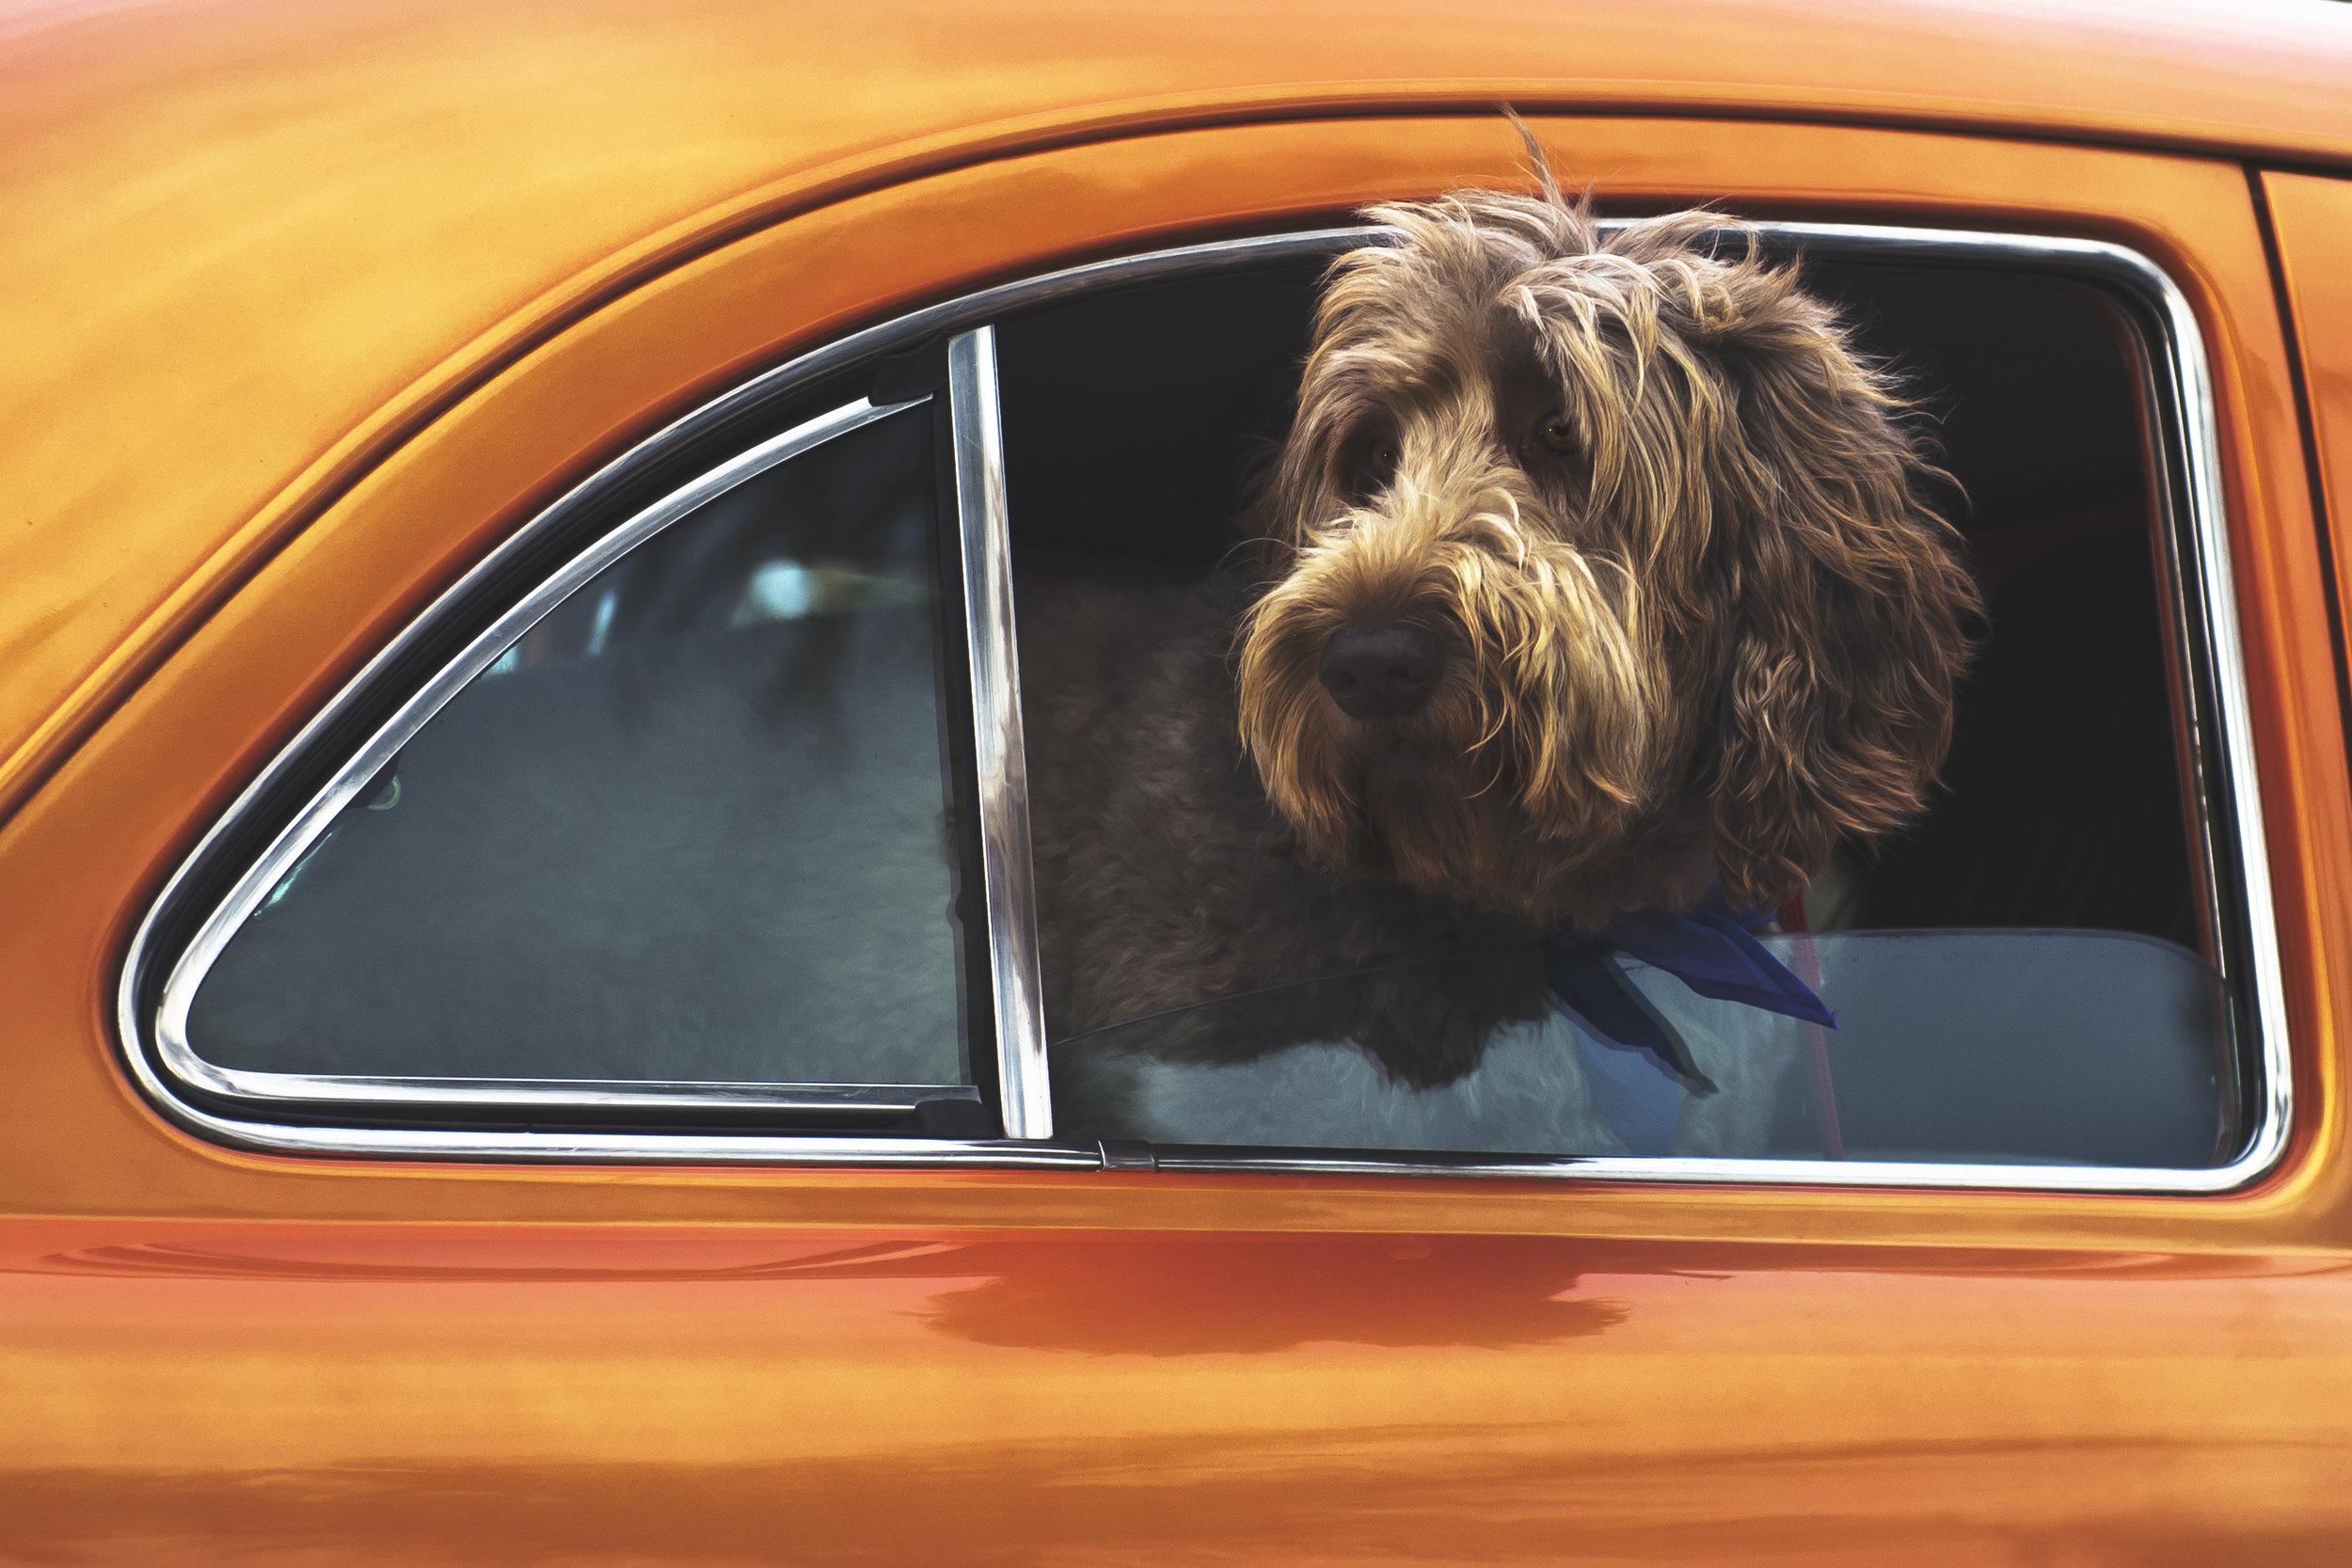 Dog in orange car